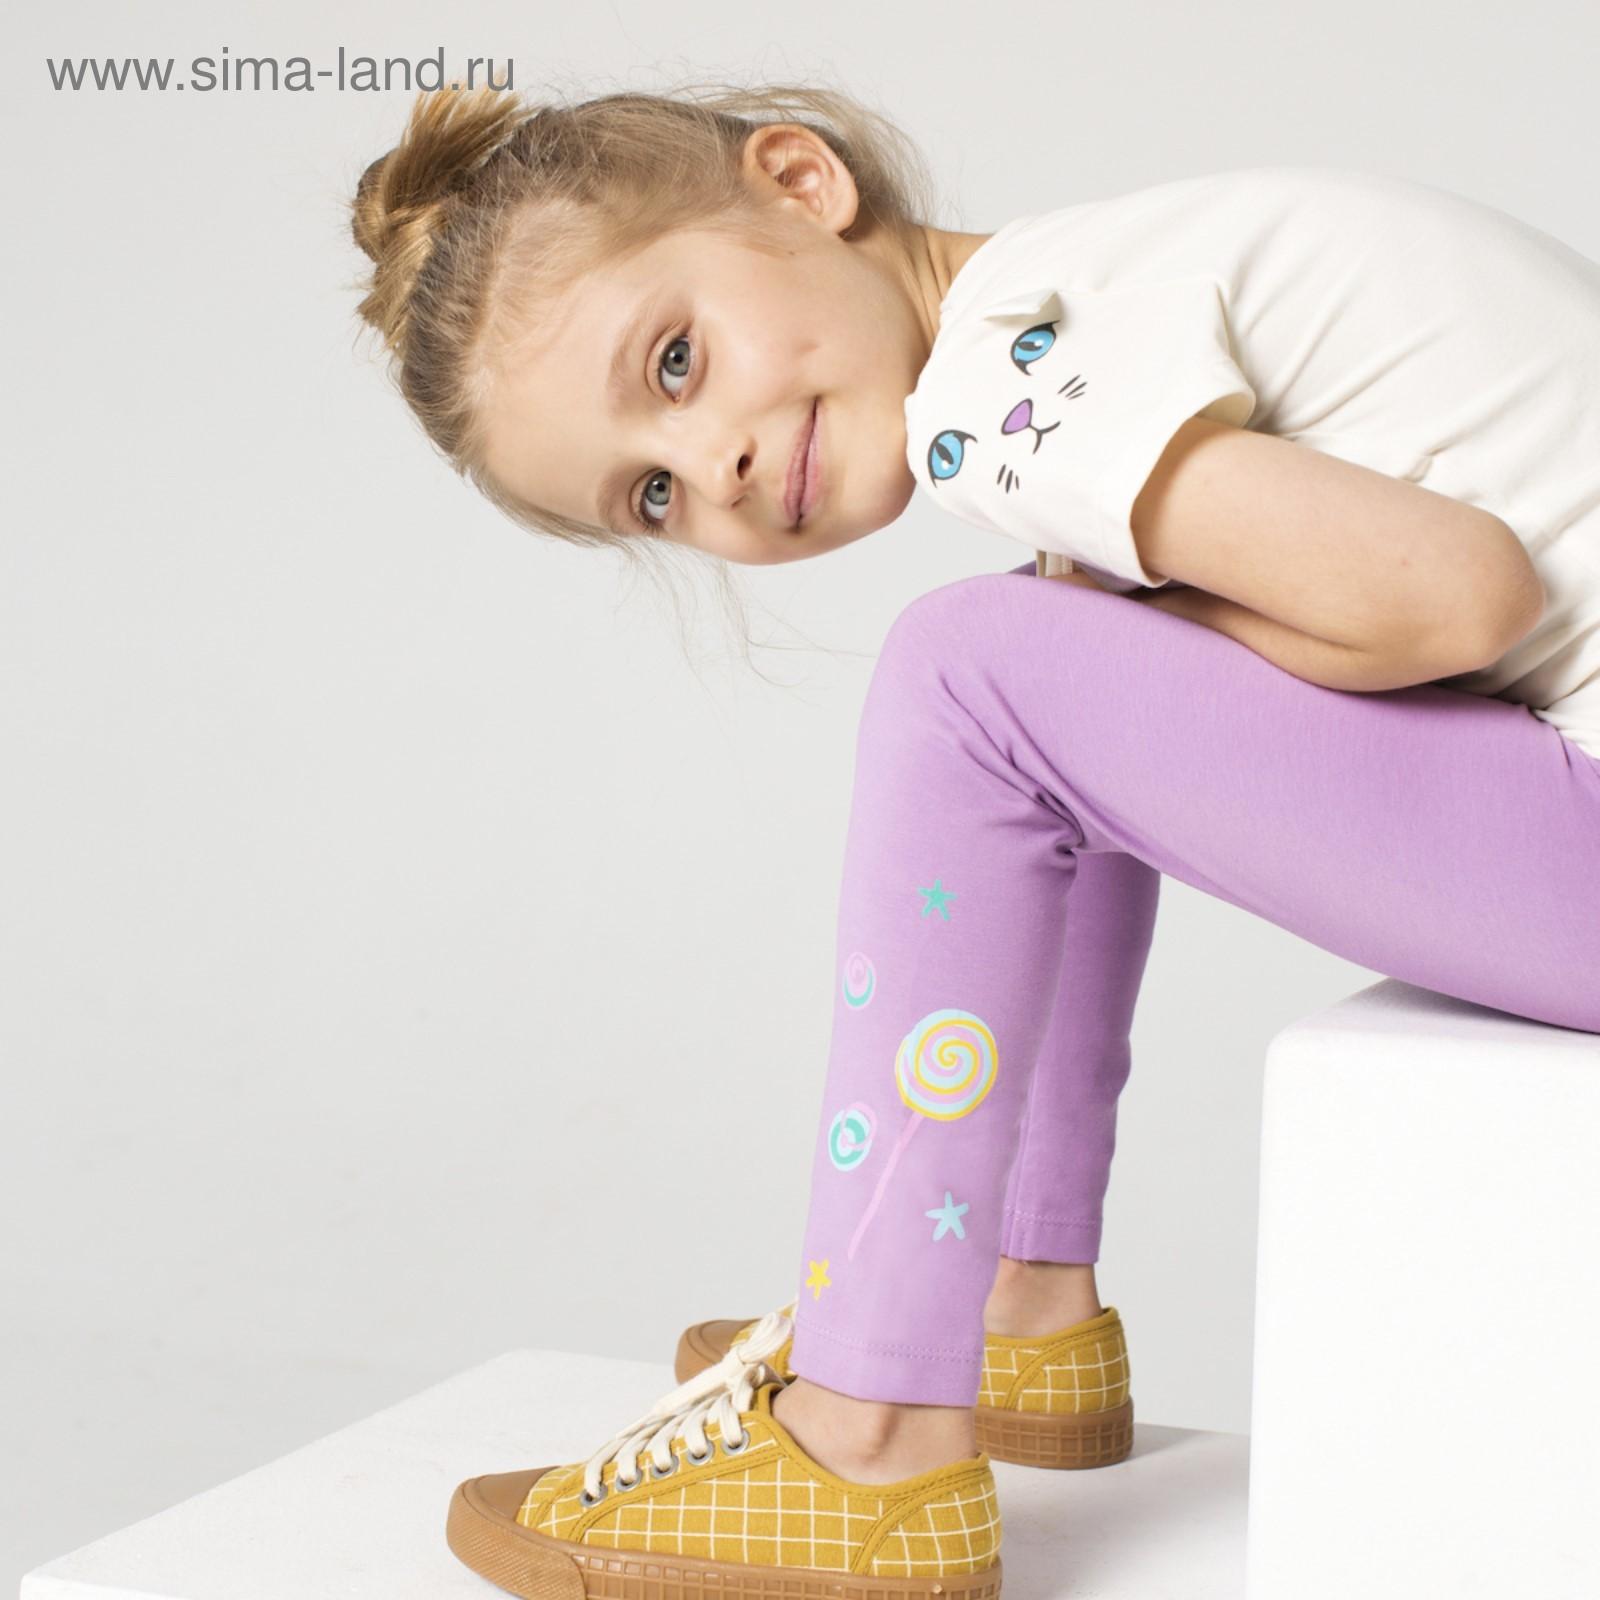 Брюки для девочки, рост 134 см, цвет сиреневый 191-325-14 (3942945 ... b04dfd9daf6